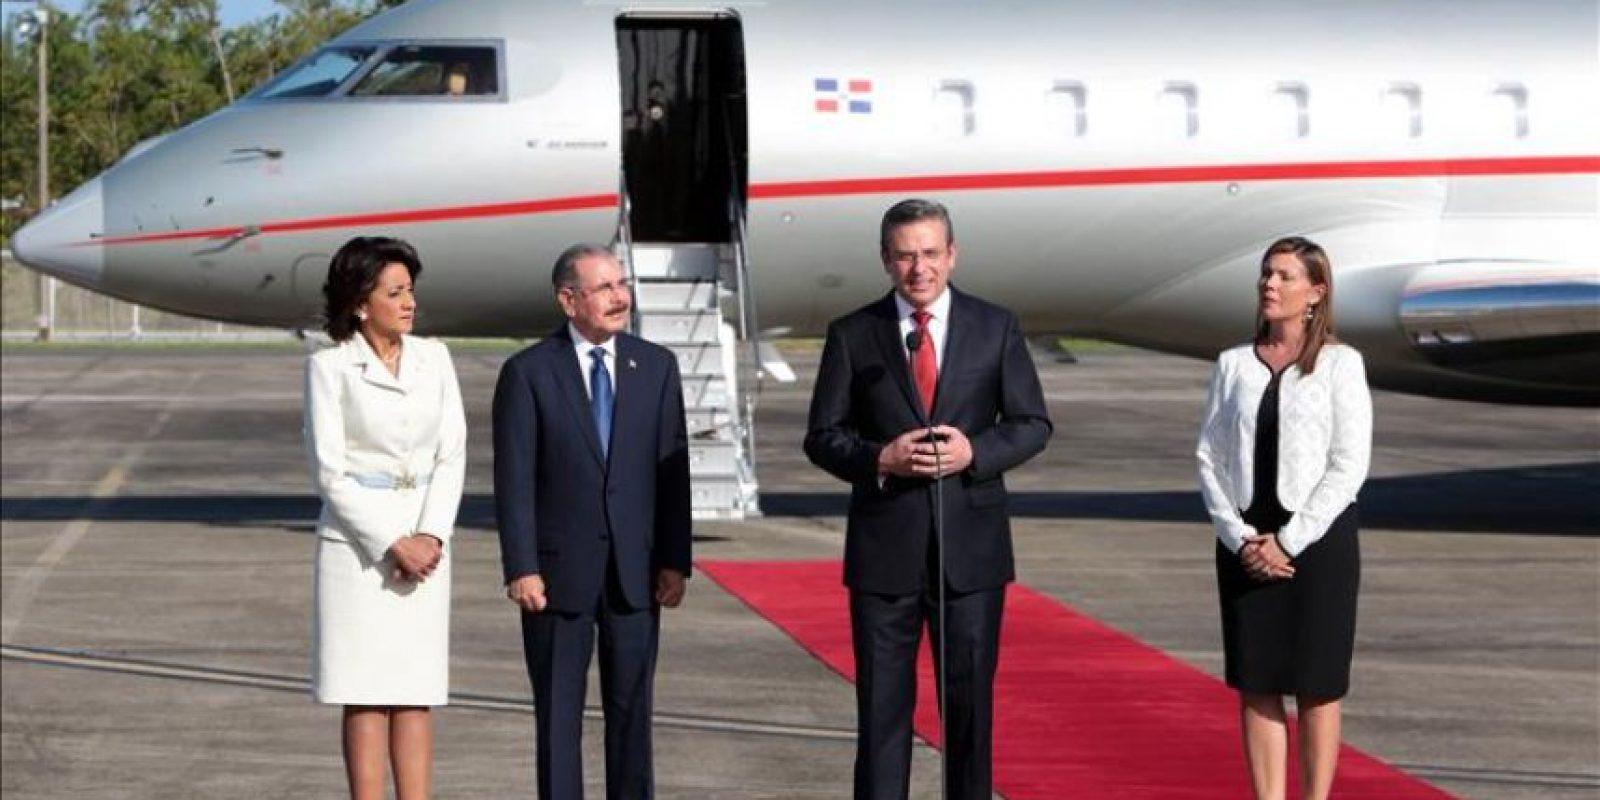 El presidente de la República Dominicana, Danilo Medina Sánchez (c-i), y su esposa, Cándida Montilla (i), llegaron hoy a Puerto Rico, donde fueron recibidos por el gobernador Alejandro García Padilla (c-d)y la primera dama, Wilma Pastrana (d) Jiménez. EFE